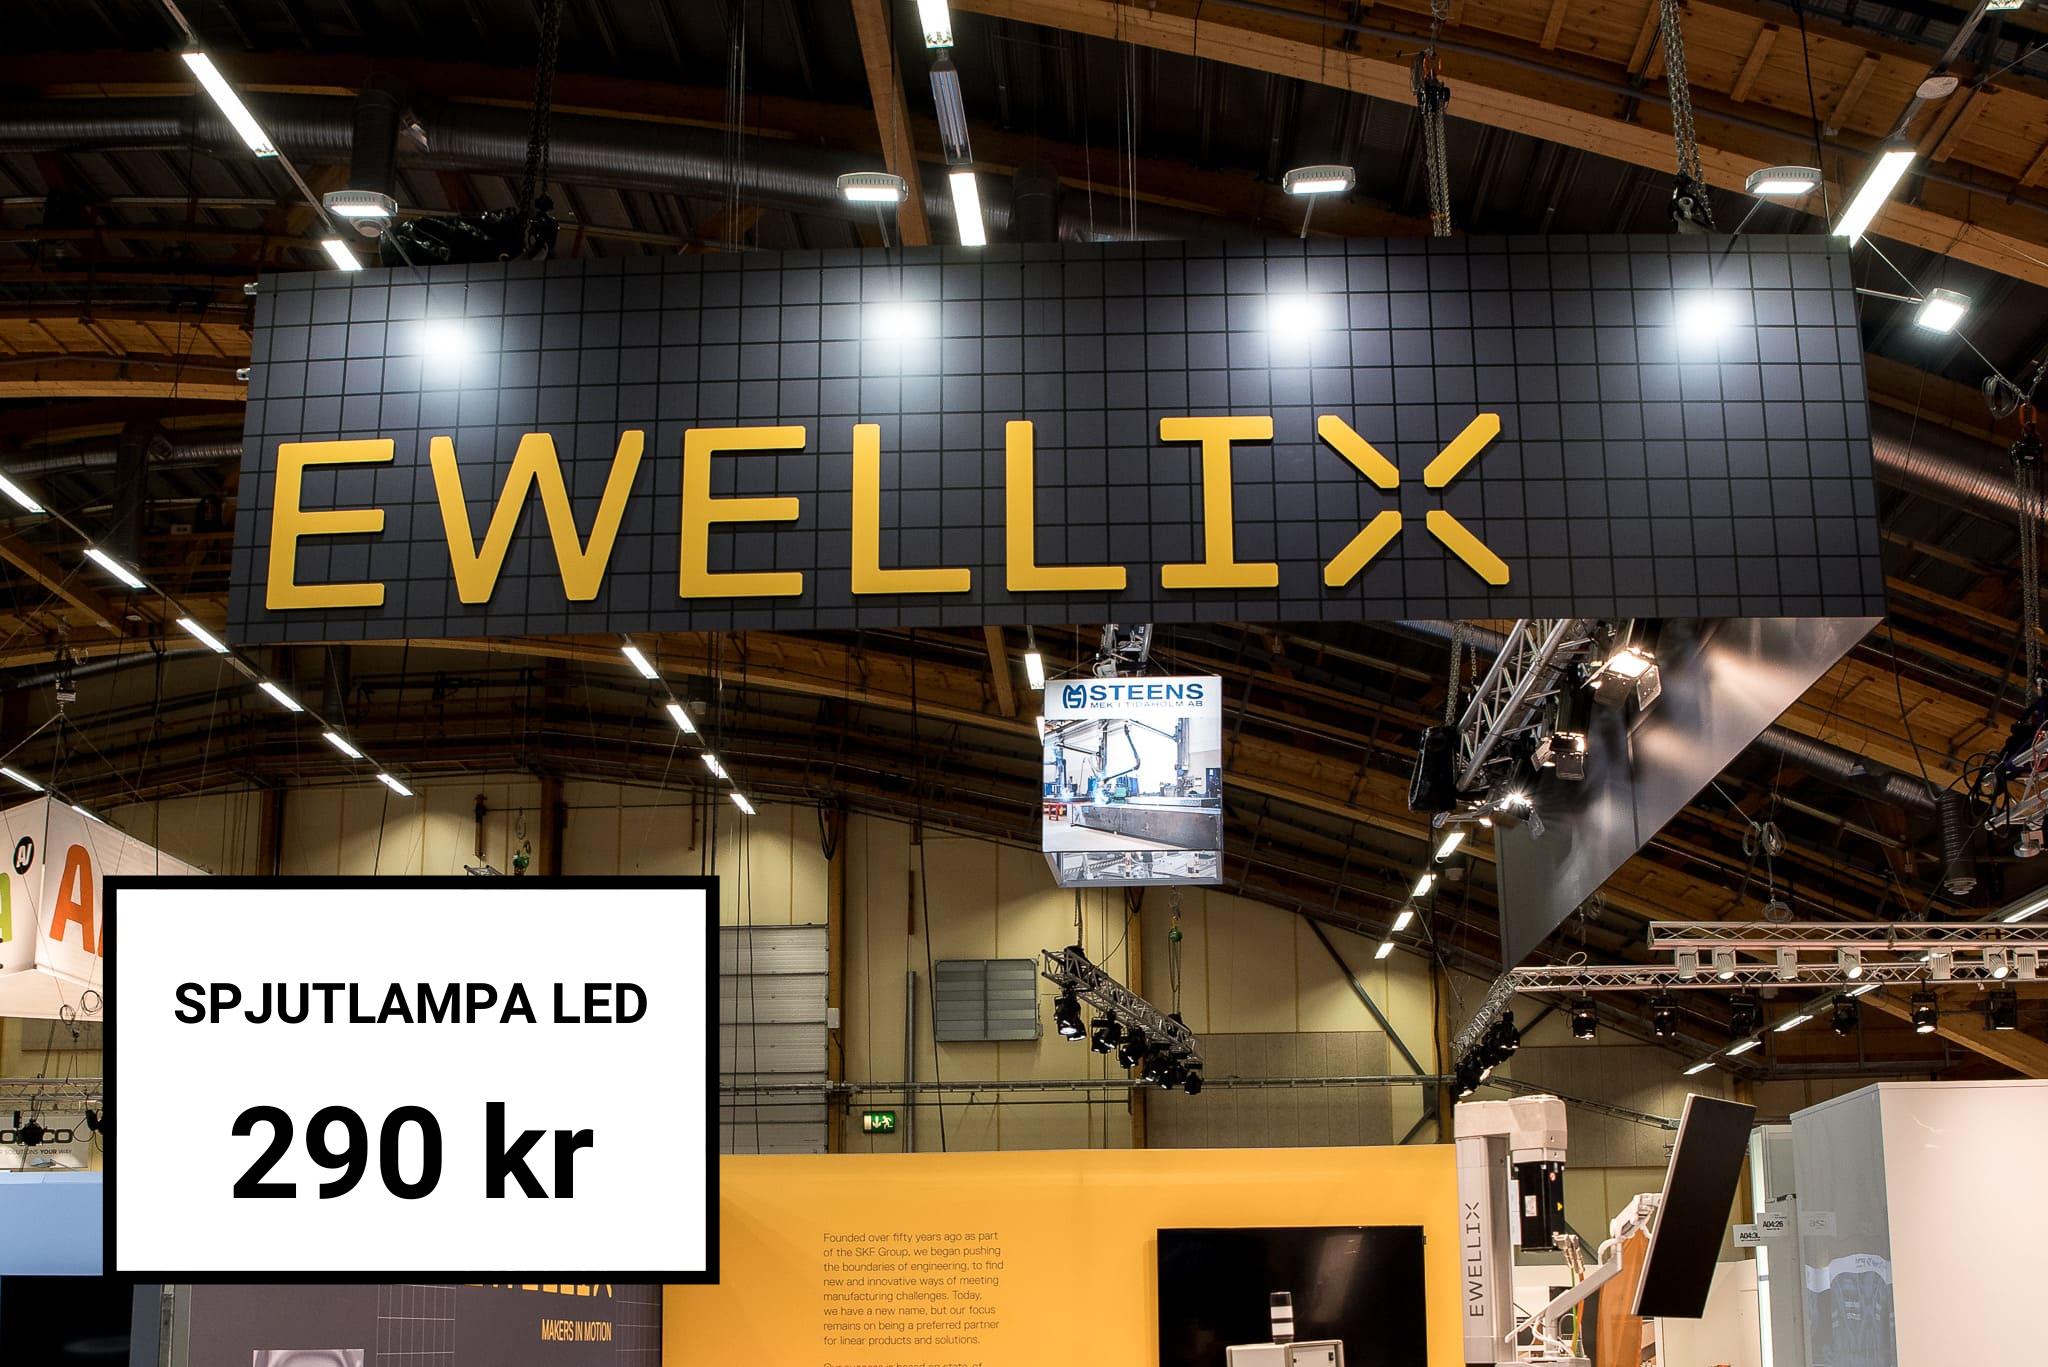 Hyr av oss Spjutlampa LED Belysning Front Row Exhibitions